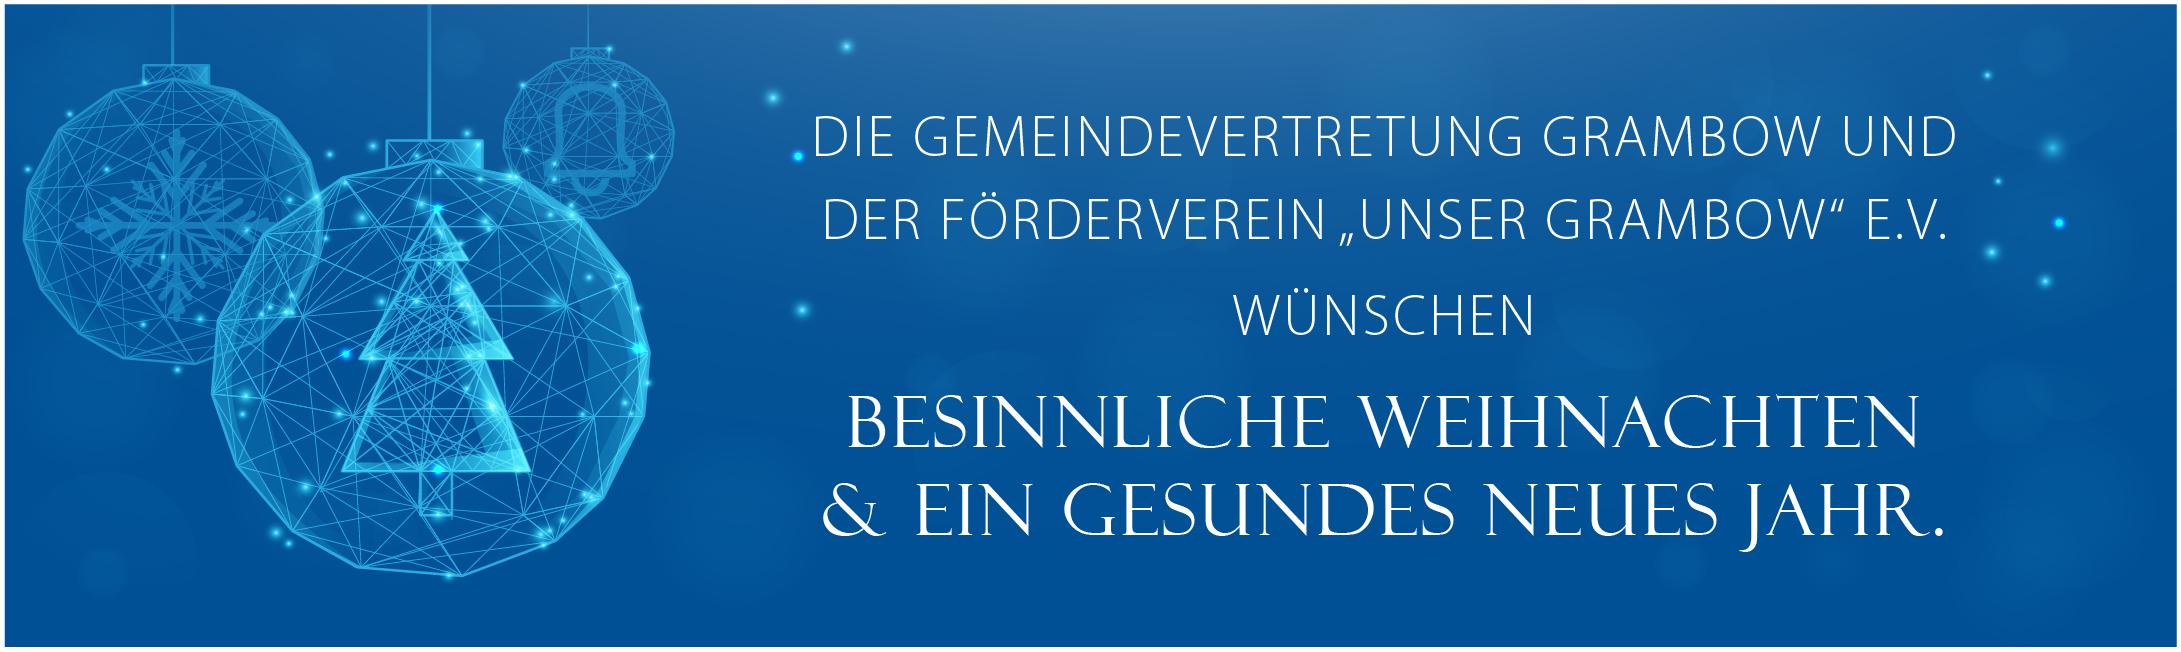 """Die Gemeindevertretung und der Förderverein """"Unser Grambow"""" e.V. wünschen besinnliche Weihnachten und ein gesundes neues Jahr."""